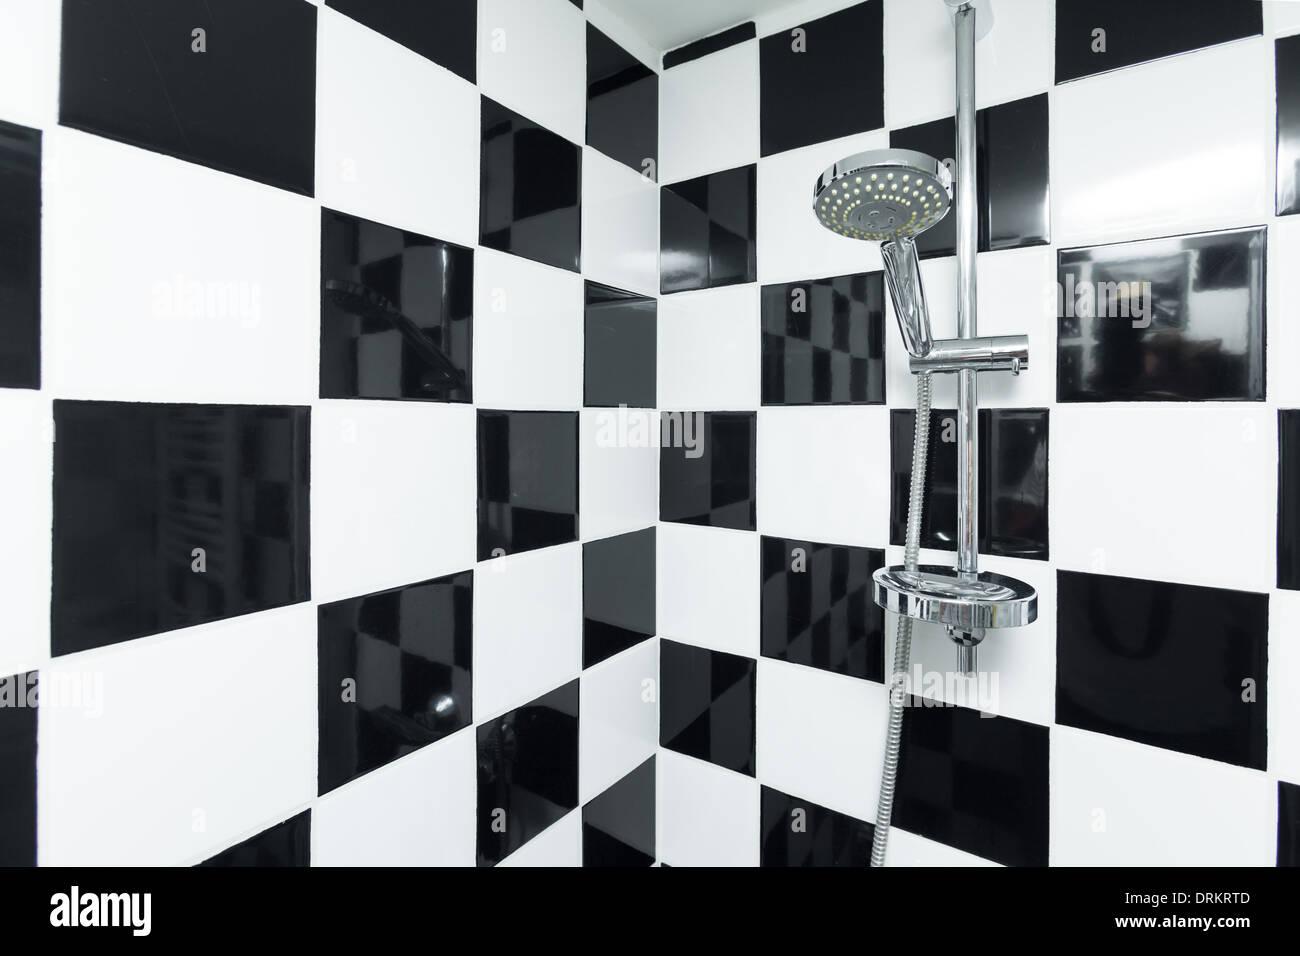 Doccia moderna in un bagno a scacchi con piastrelle bianche e nere